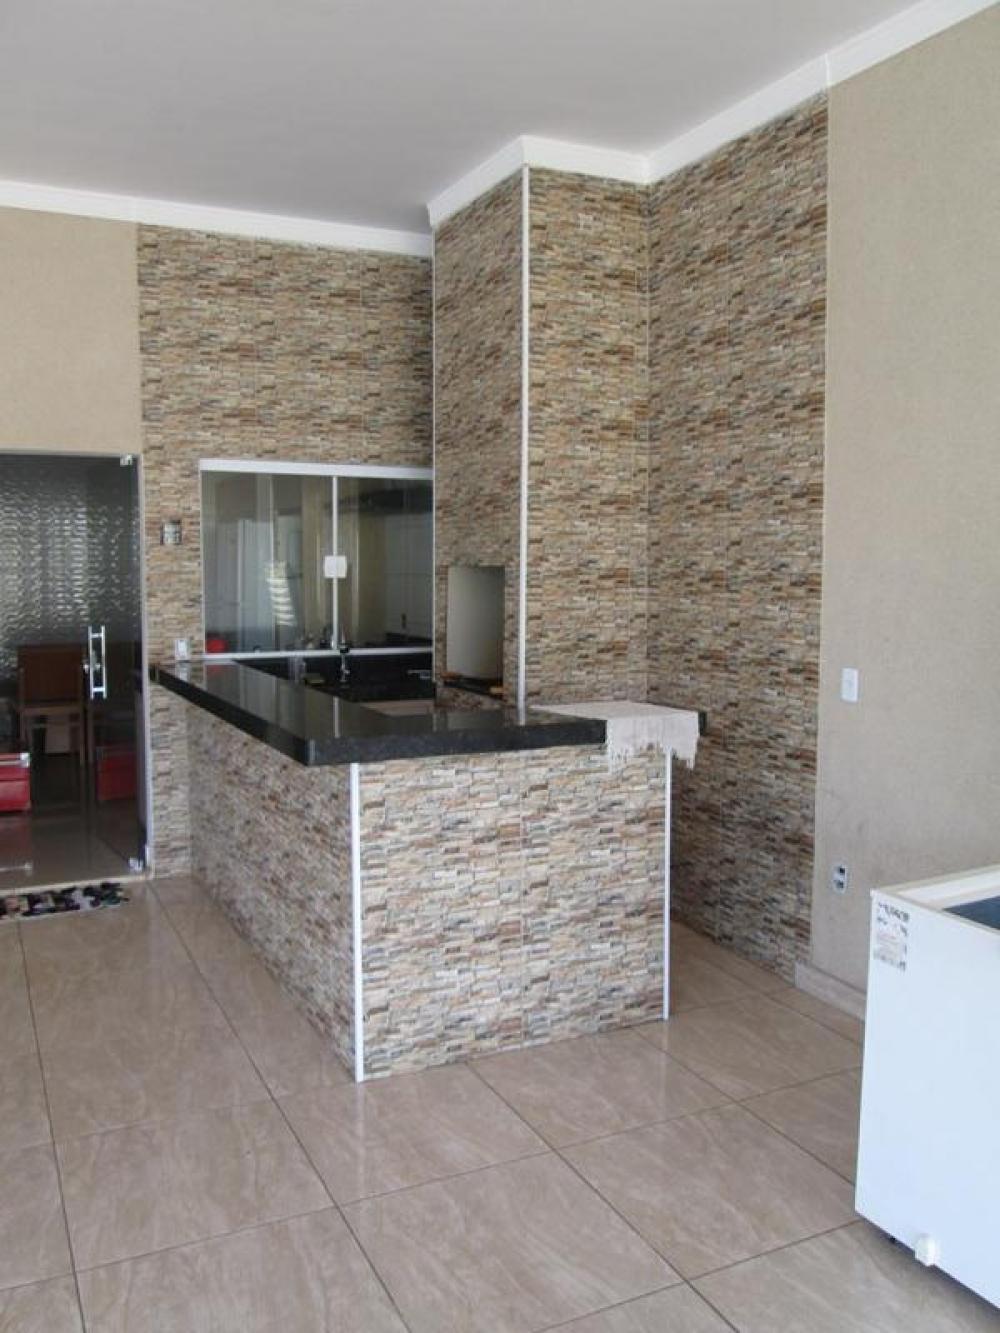 Comprar Casa / Padrão em São José do Rio Preto R$ 650.000,00 - Foto 10